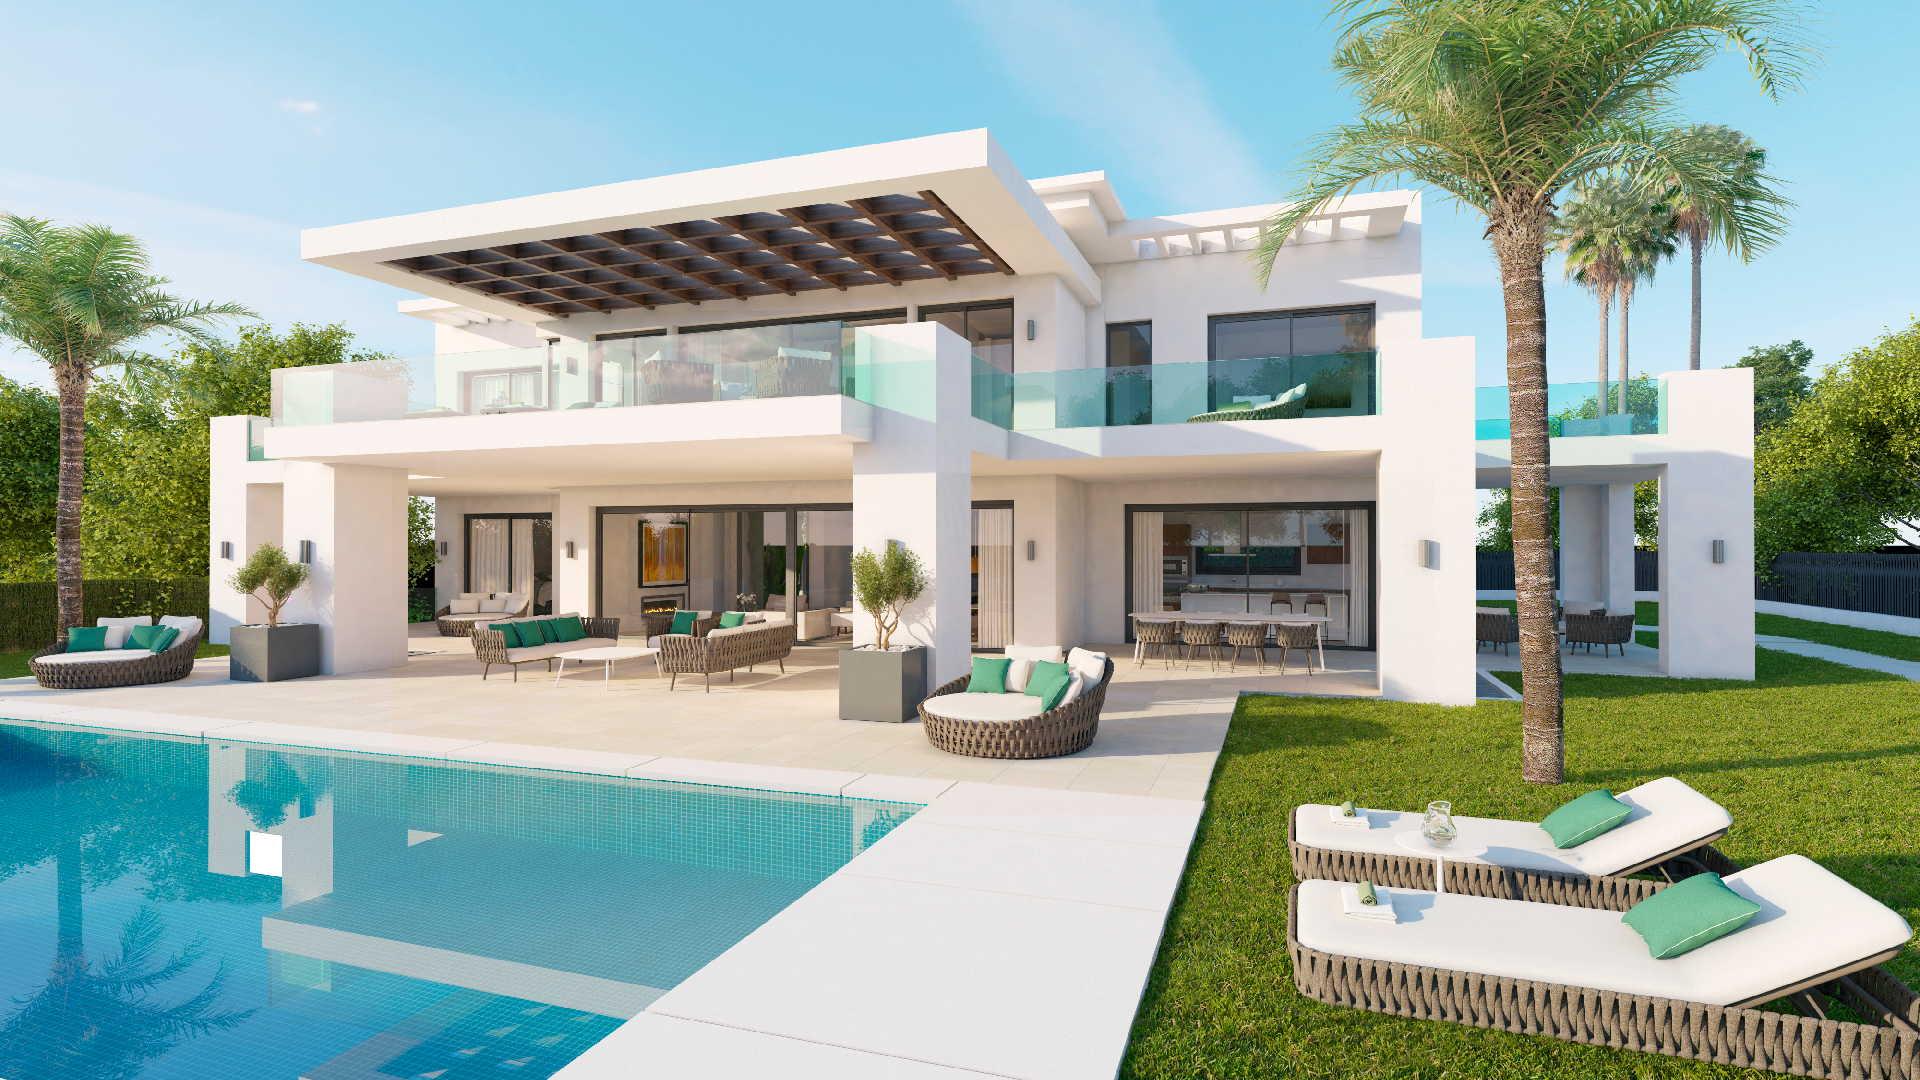 Villa los olivos nueva andalucia marbella kopen realista for Plan d architecture villa moderne